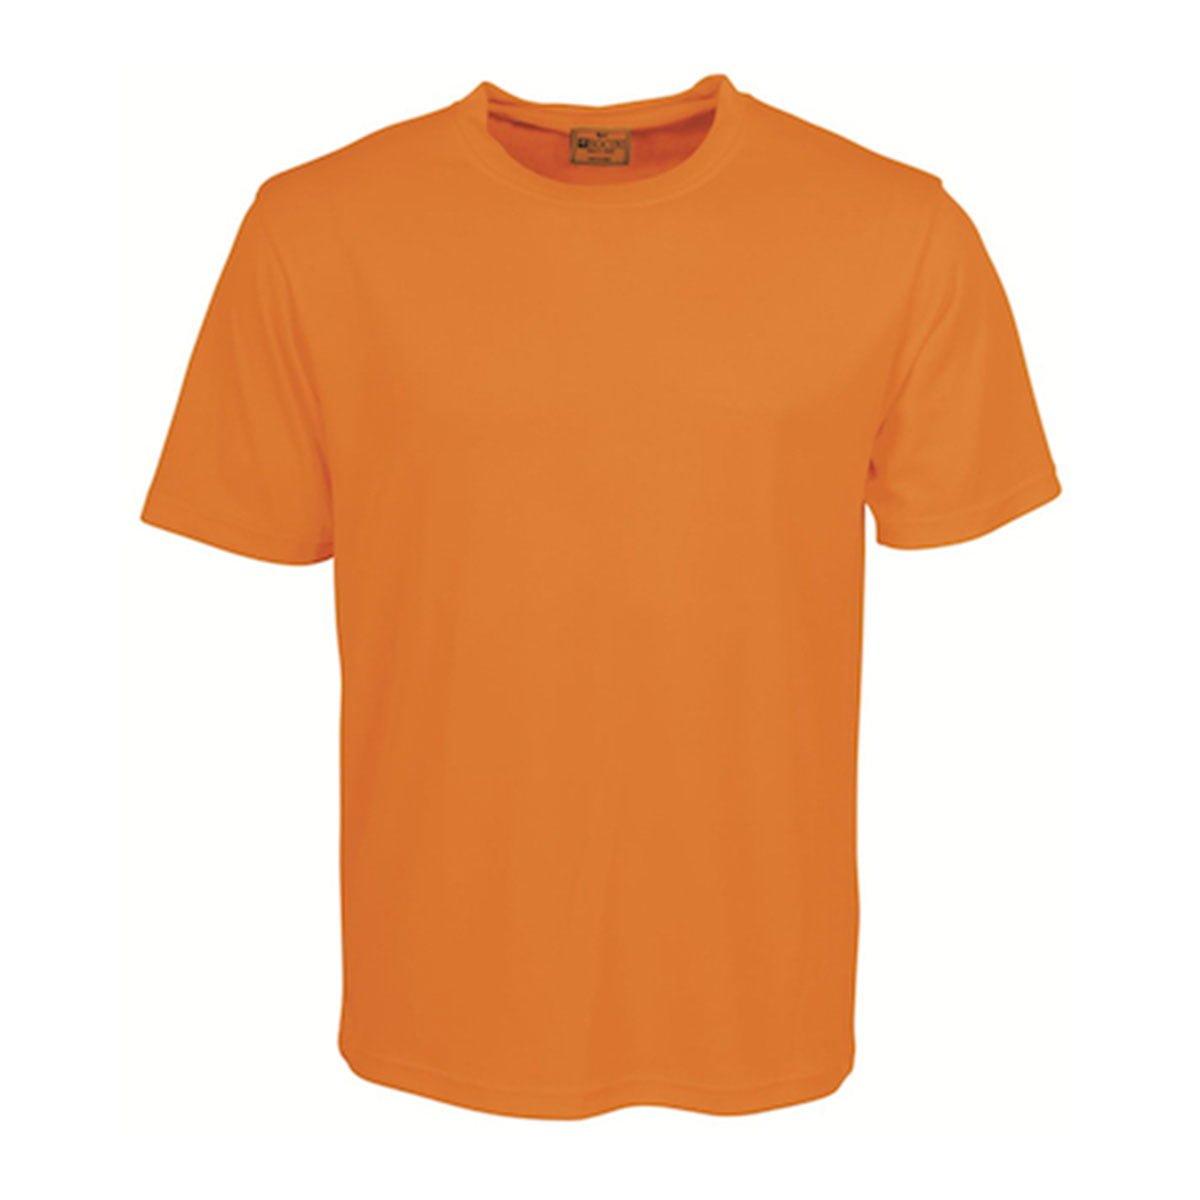 HI-VIS ROUND NECK TEE SHIRT-Orange